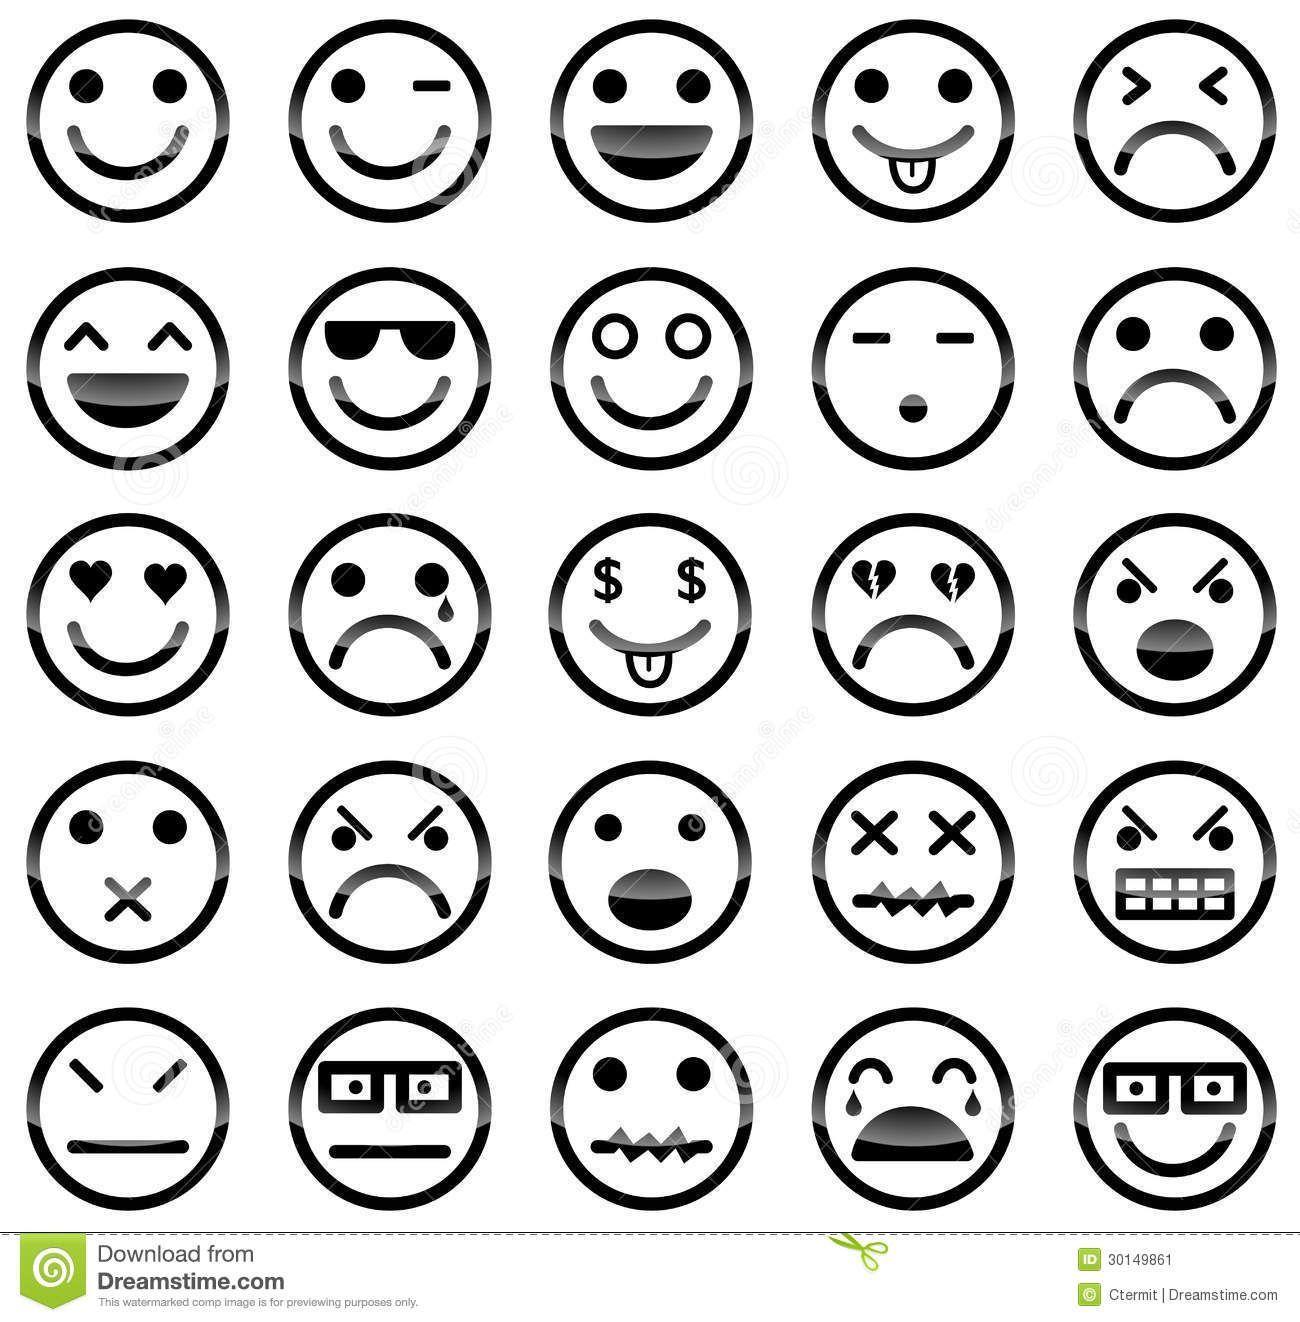 Bright Design Free Emoji Coloring Pages Fresh Faces Related Keywords Suggestions Emoji Gesichter Smiley Zeichnen Ausmalbilder